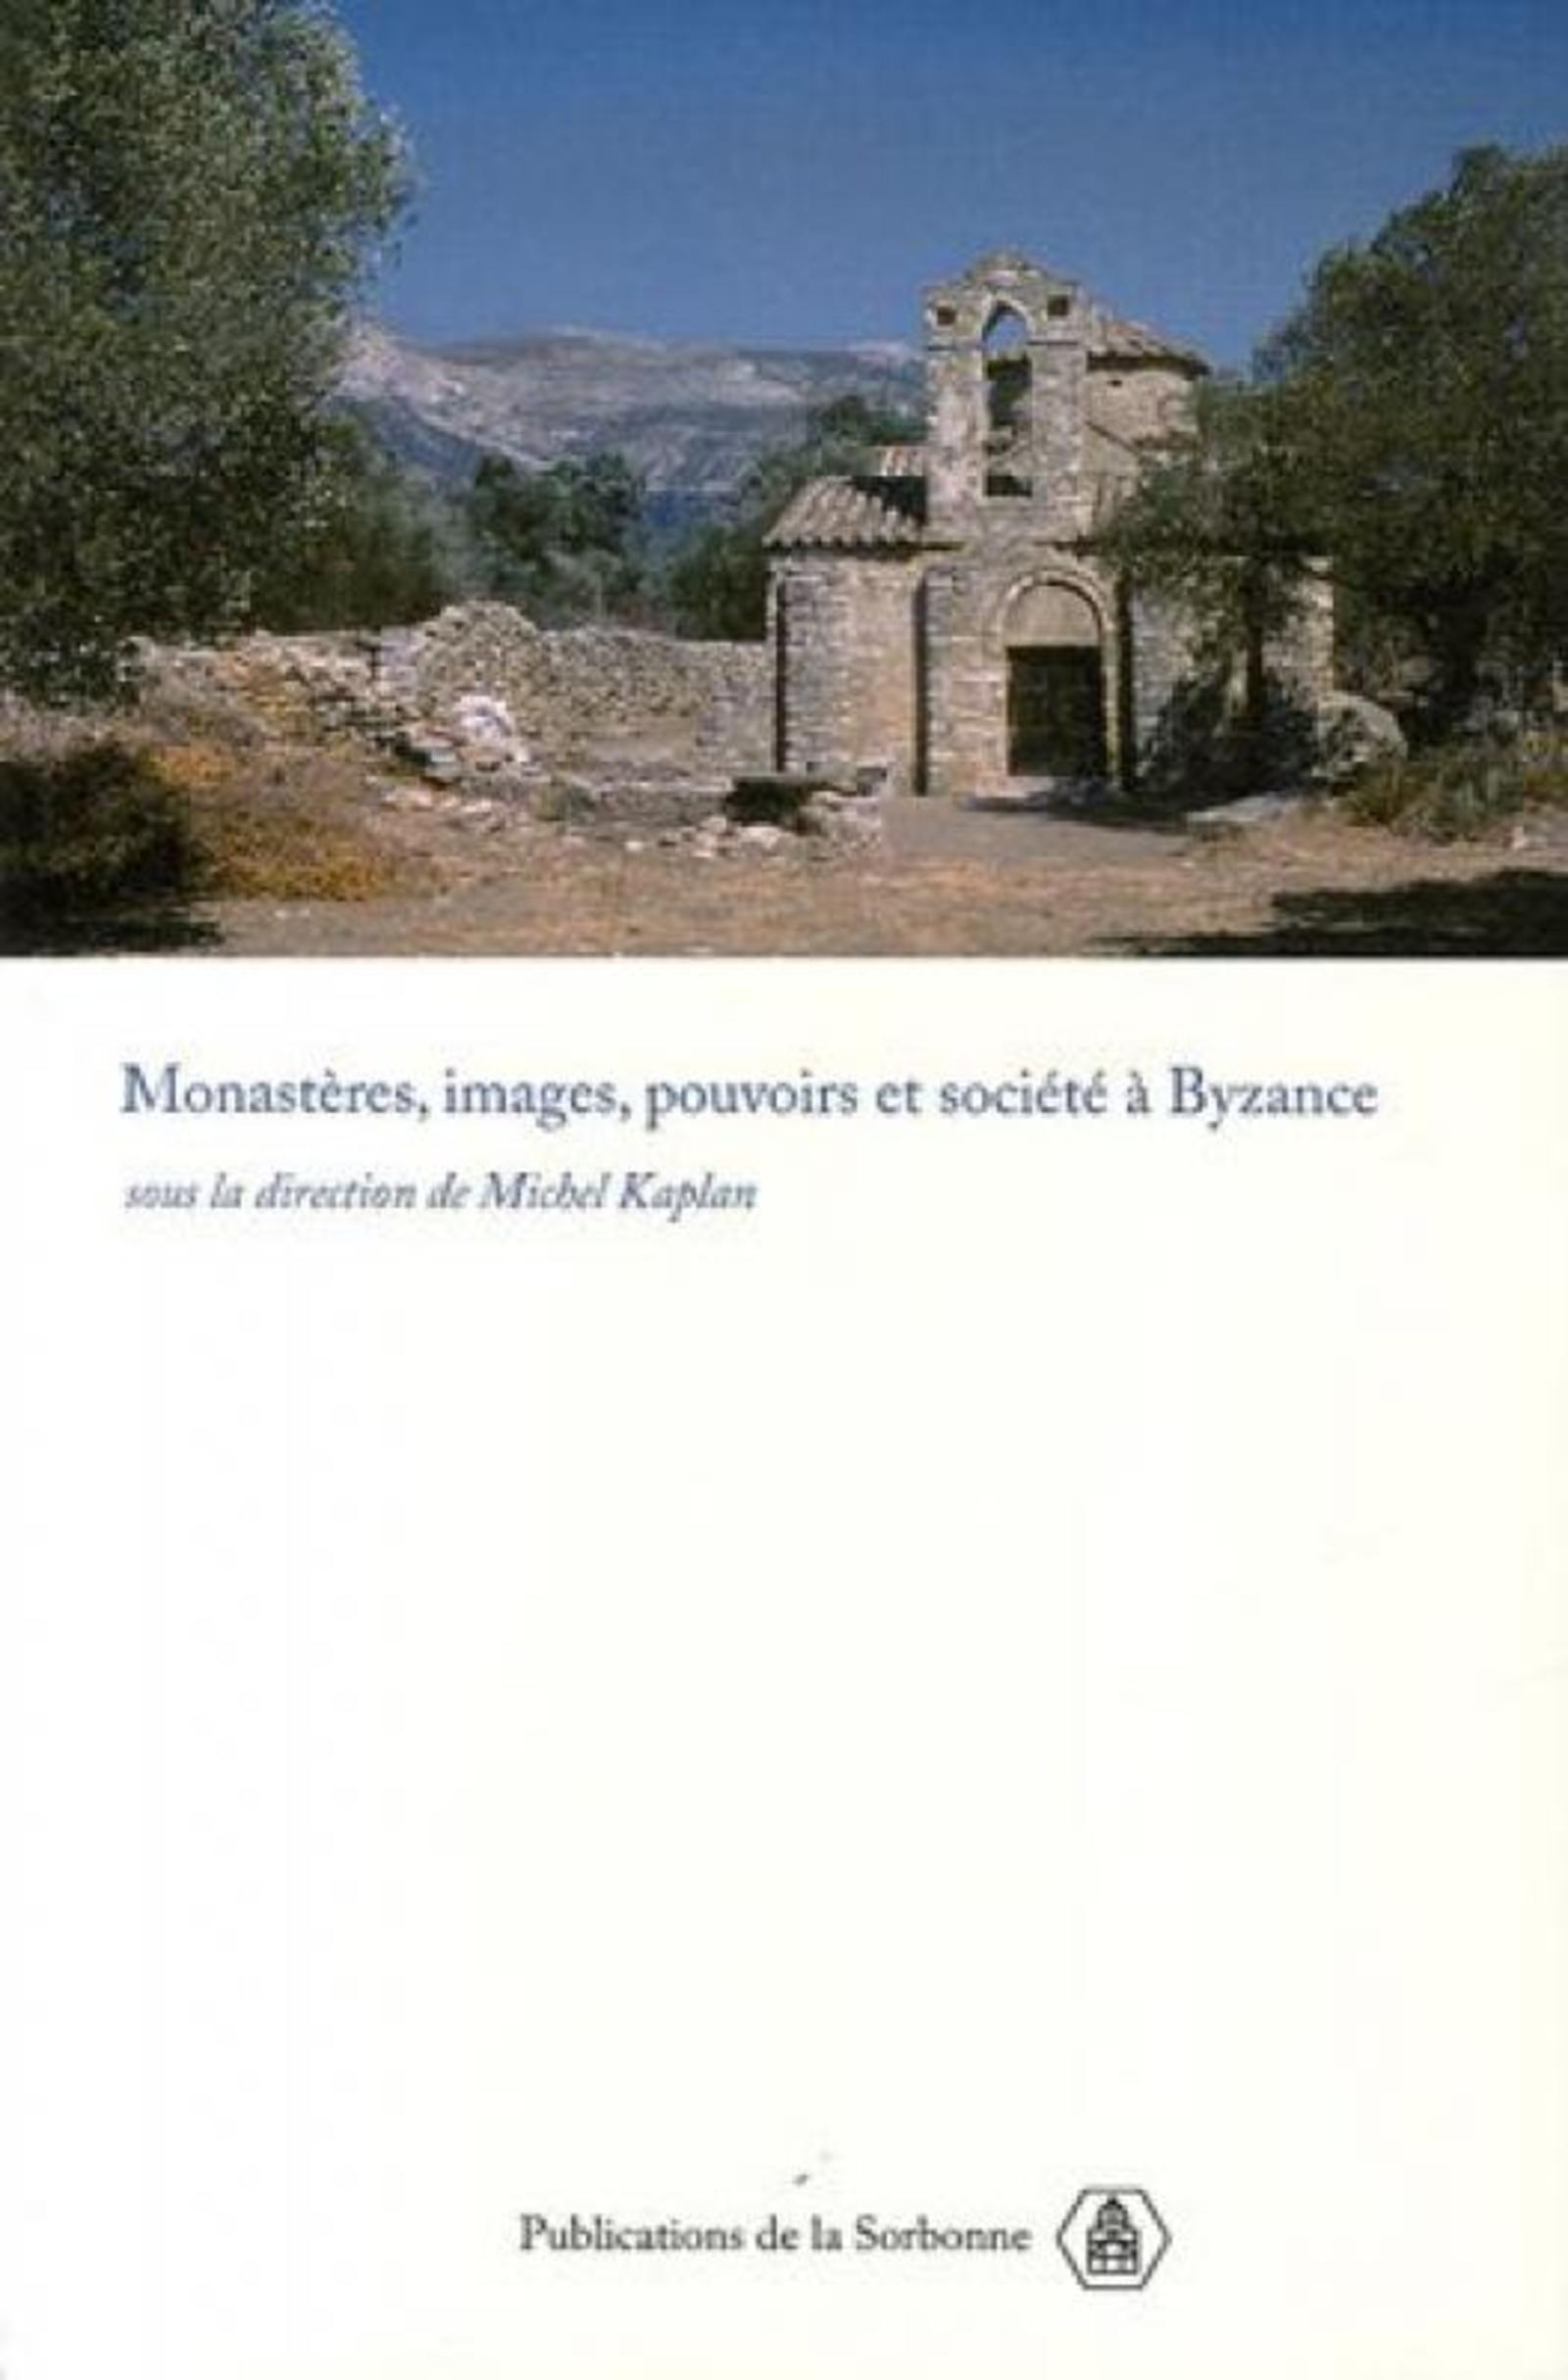 MONASTERES, IMAGES, POUVOIRS ET SOCIETE A BYZANCE